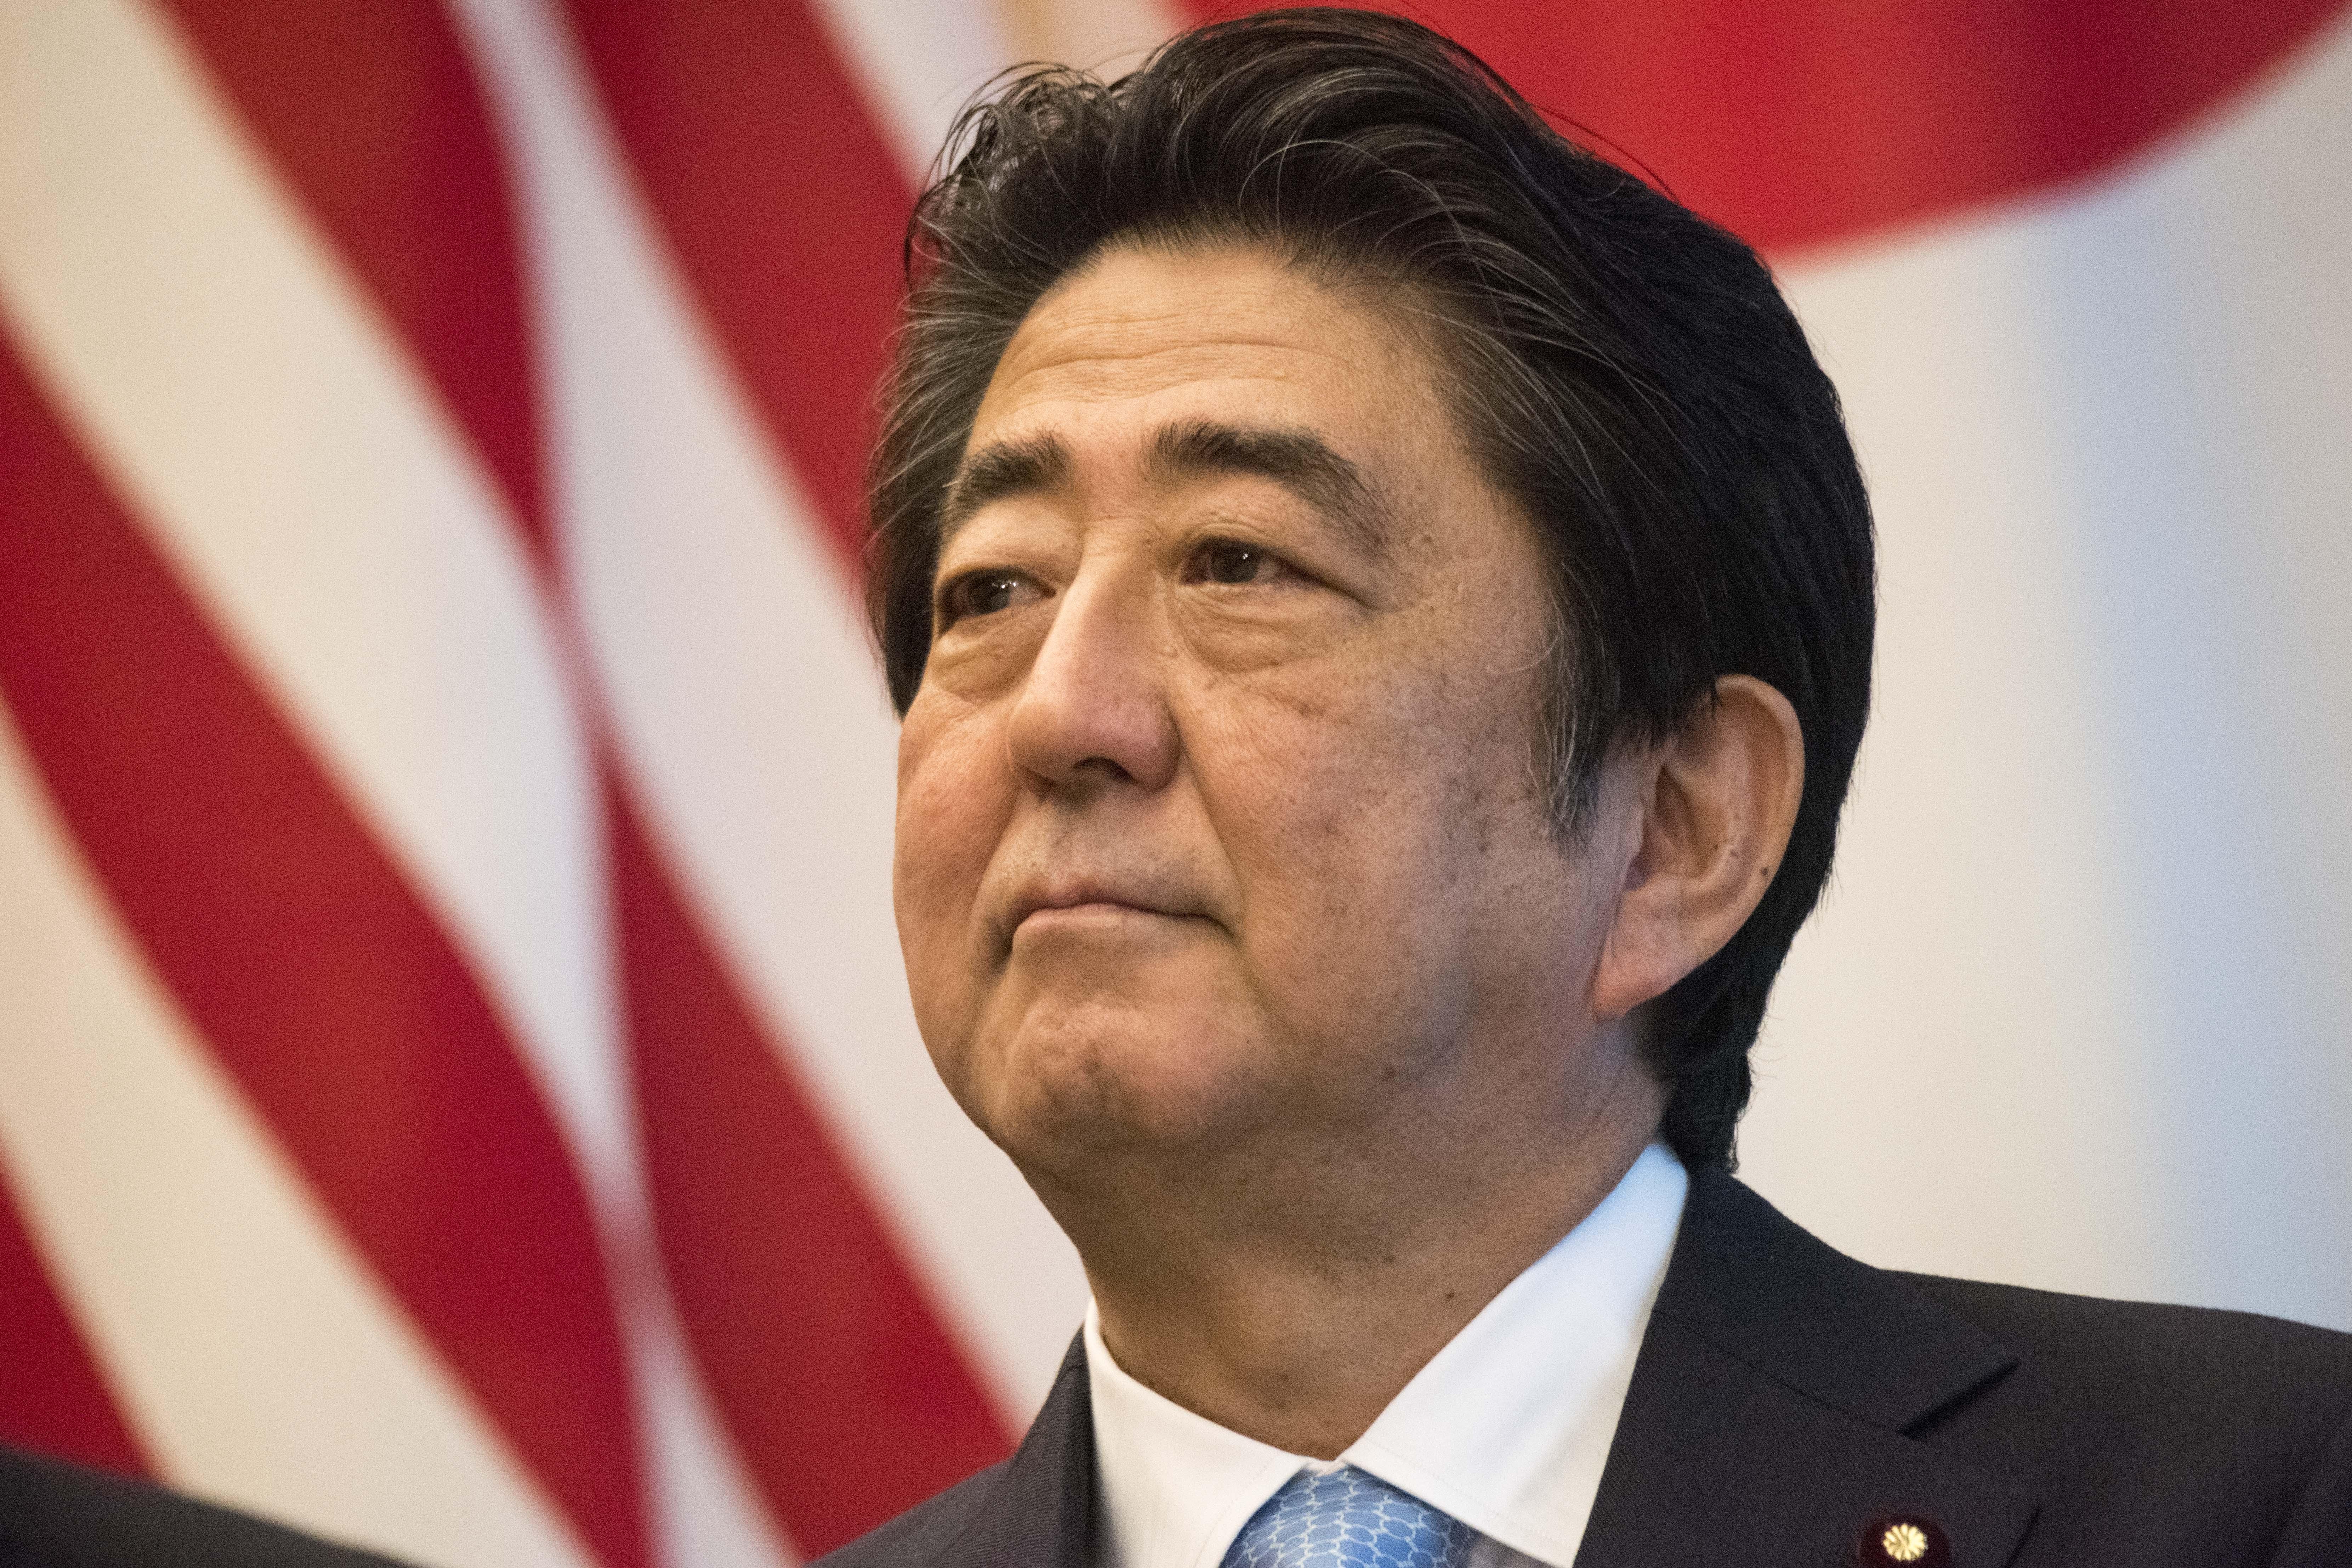 Japanese priminister SHINZO ABE